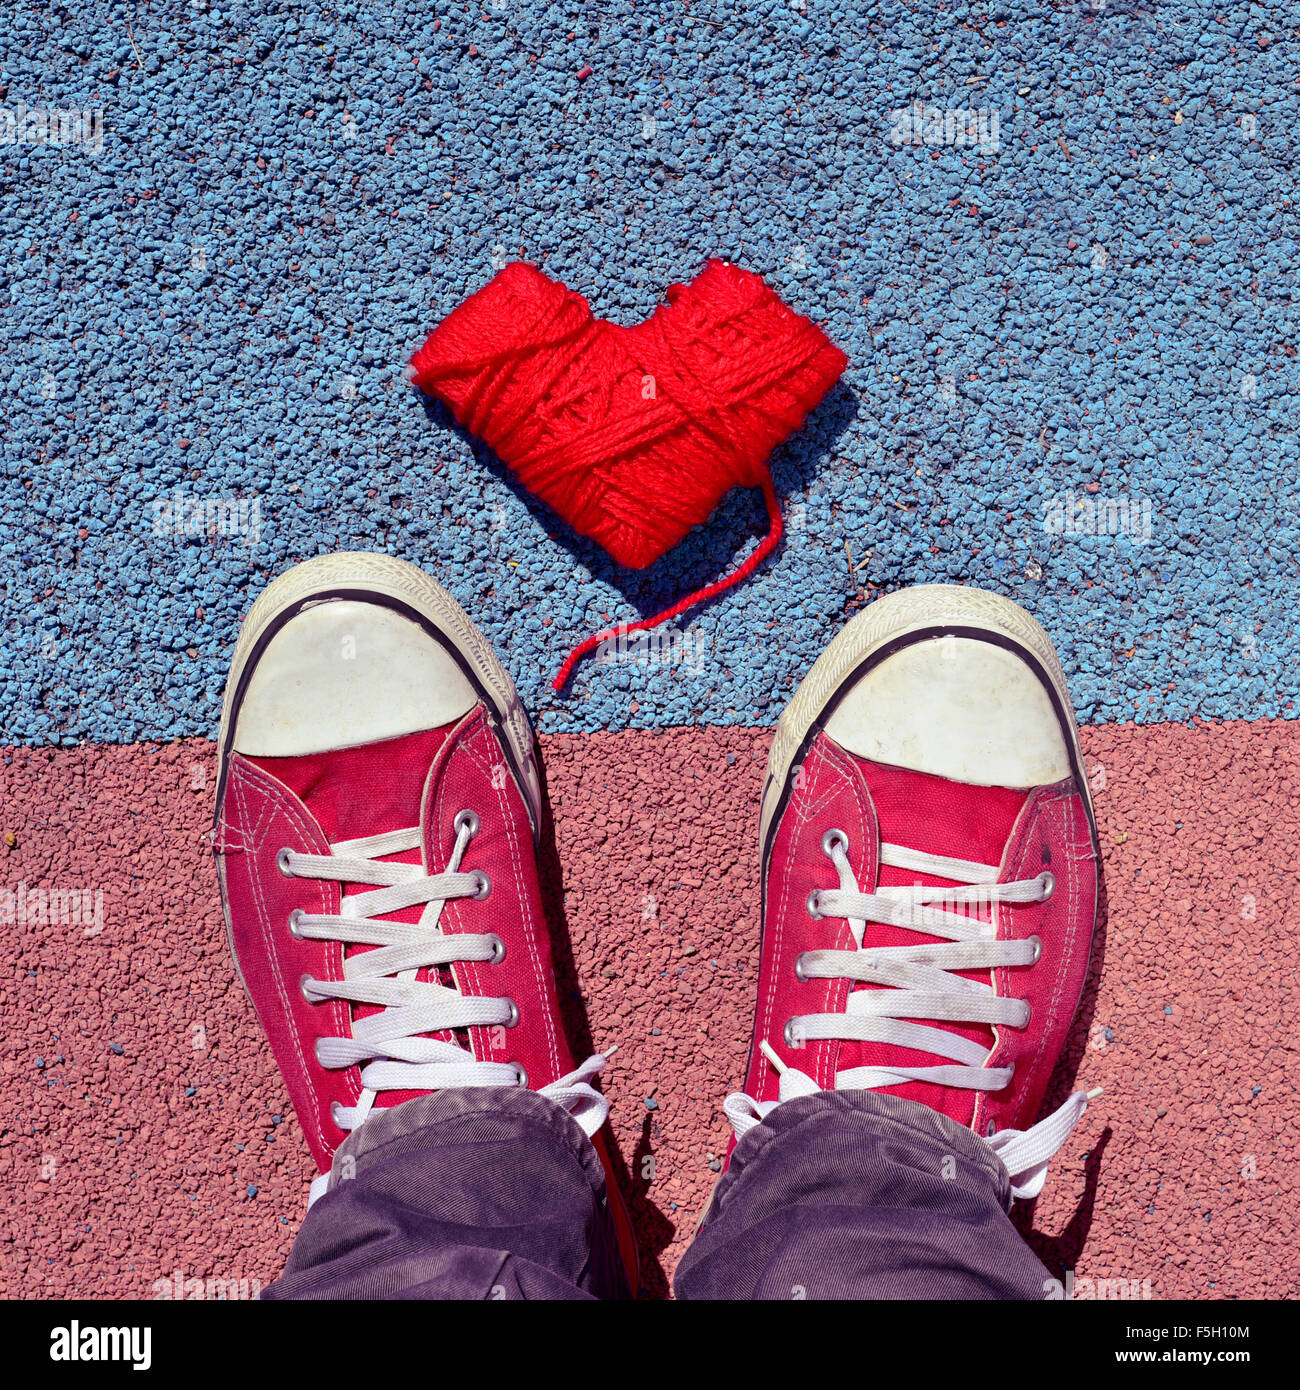 Alta angolazione di un cuore a forma di bobina di filato di colore rosso ed i piedi di un uomo che indossa red sneakers Immagini Stock